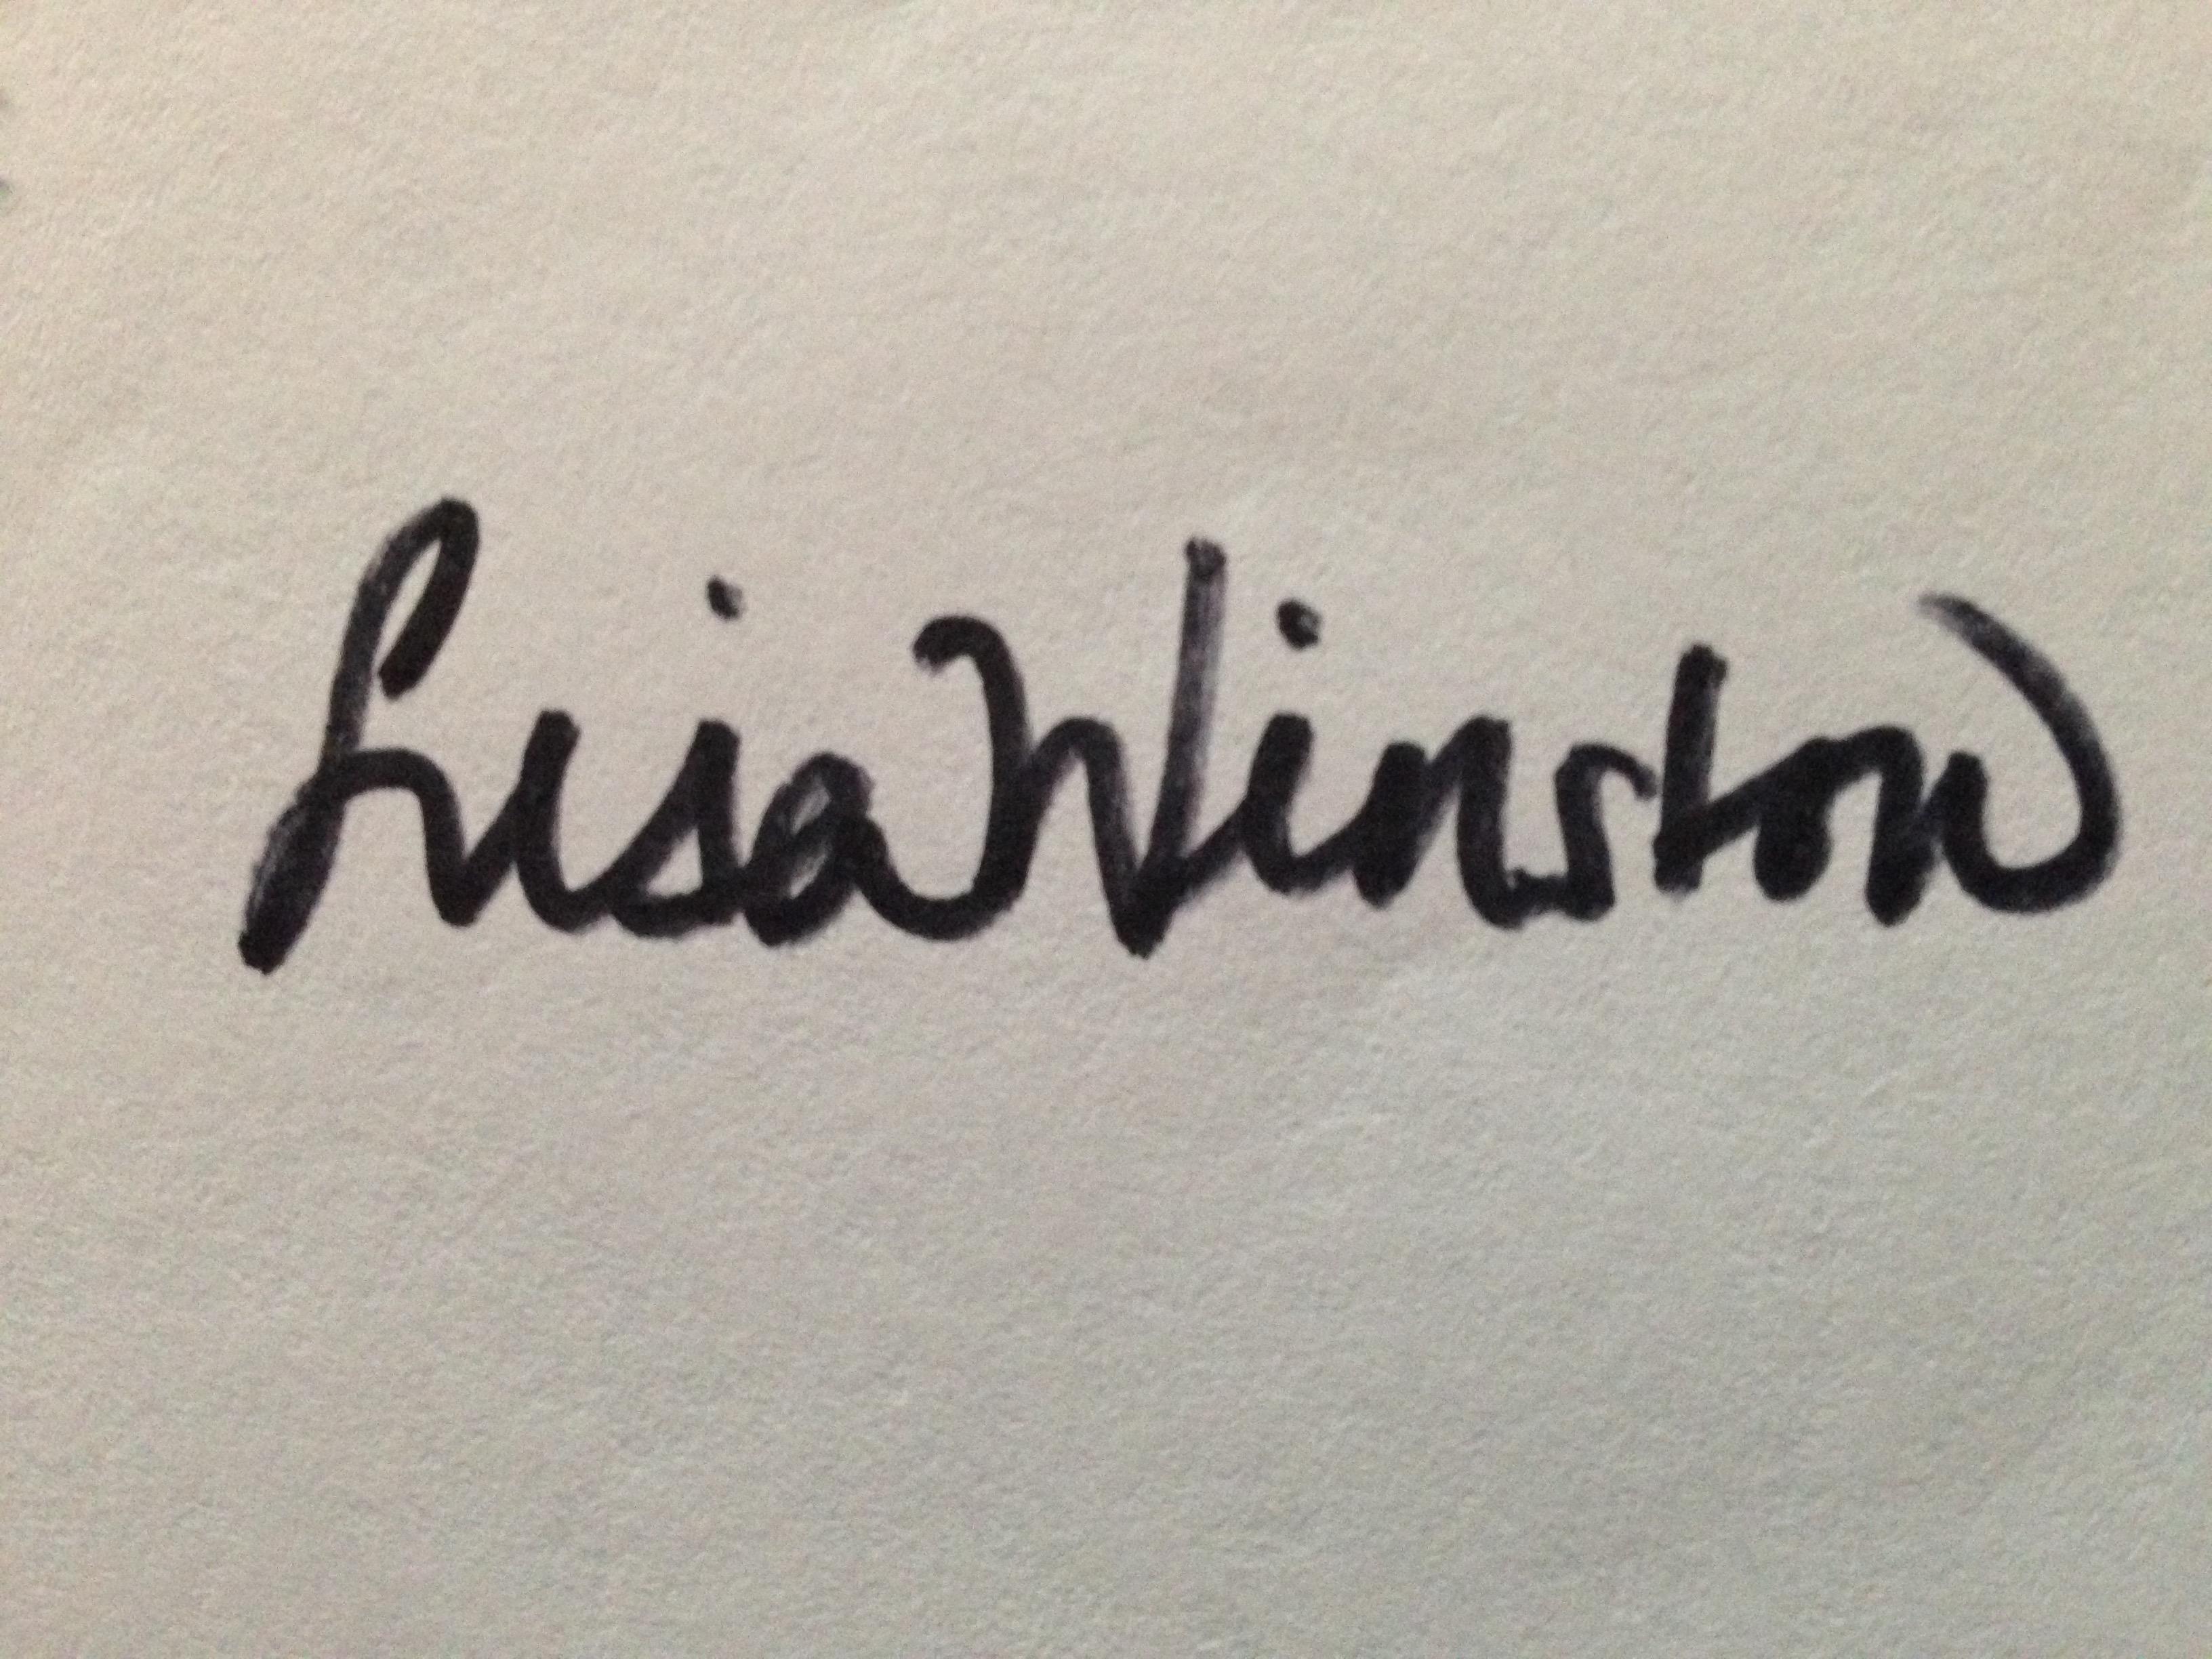 Lisa Winston Signature